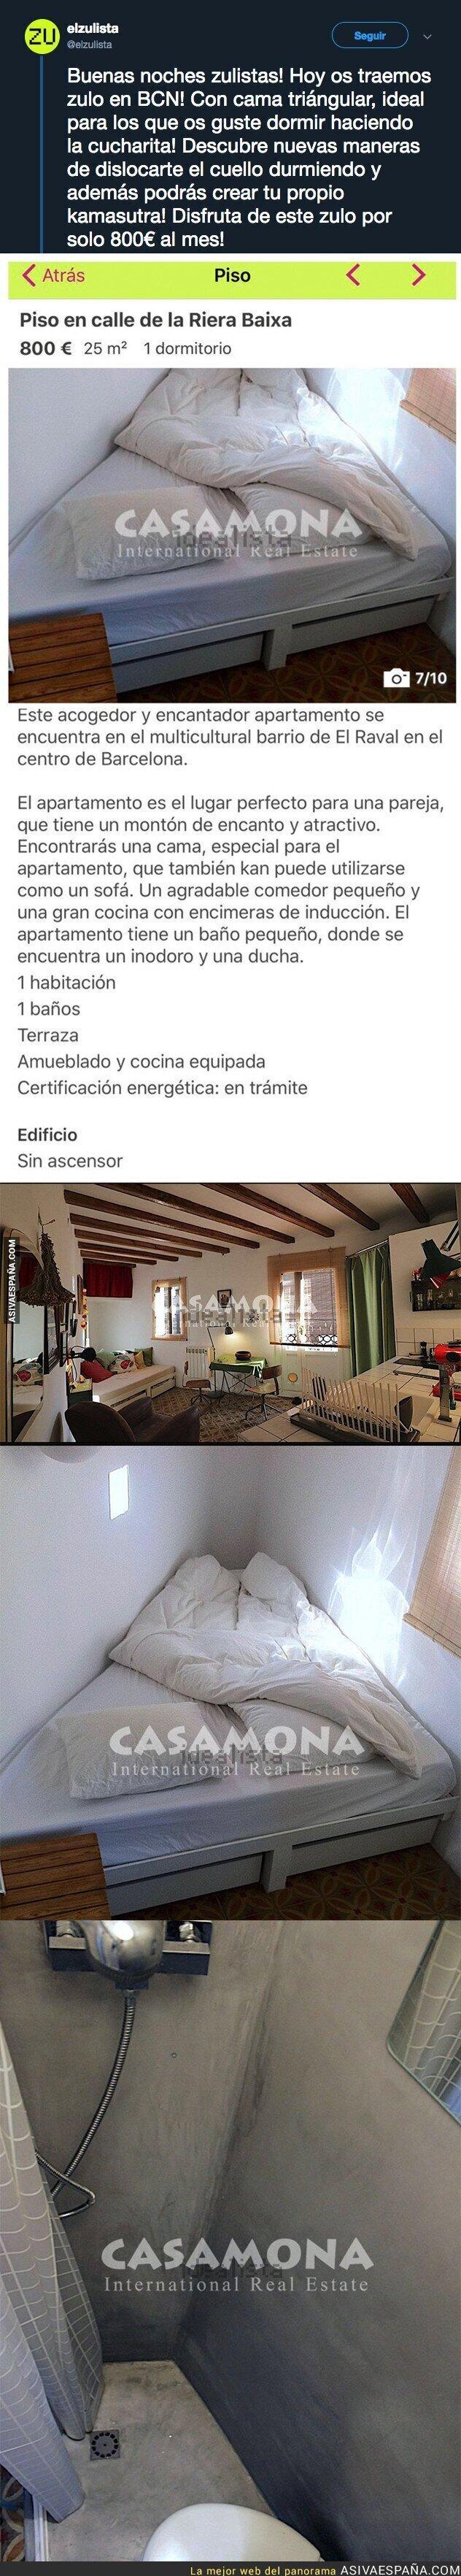 100348 - El denunciable precio por este piso pequeño en Barcelona con este detalle que está indignando a mucha gente